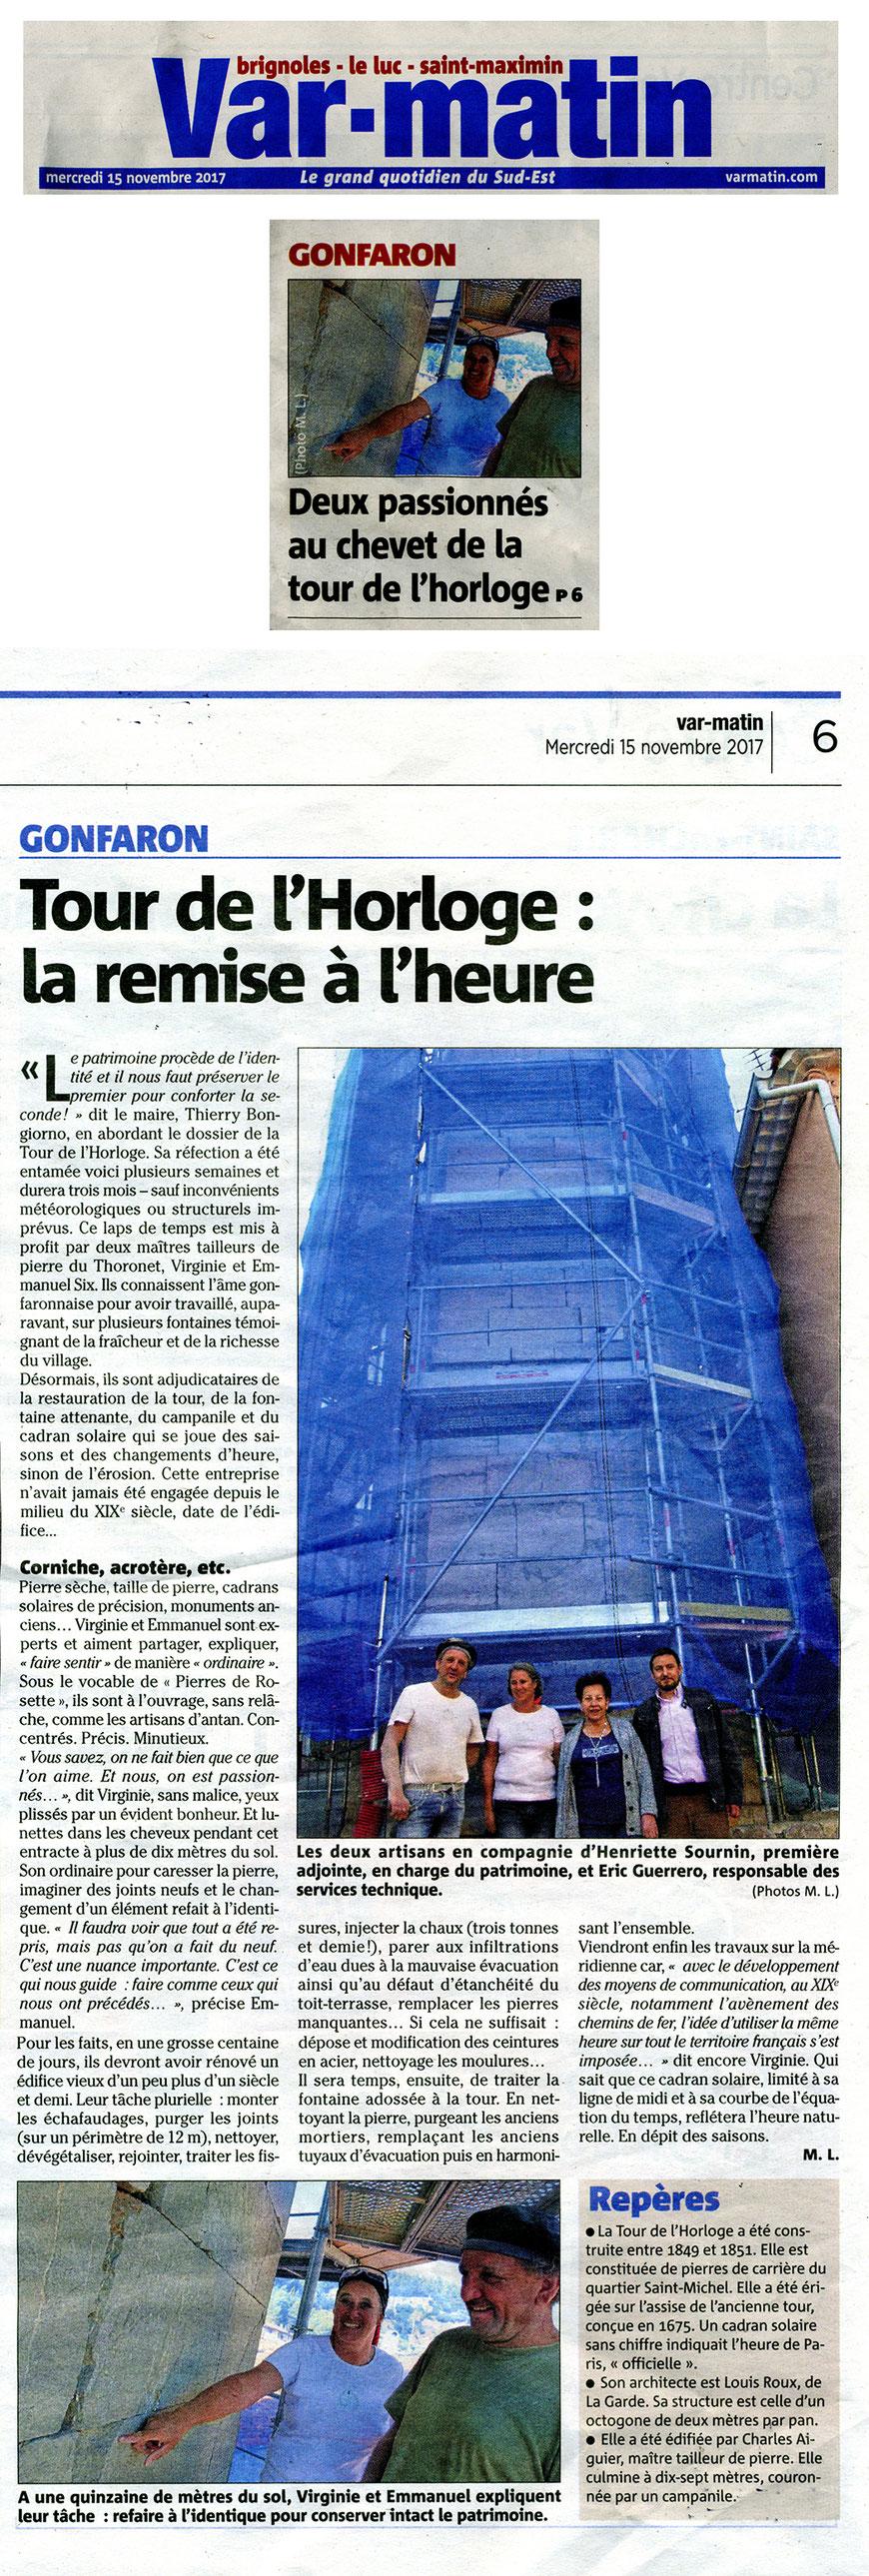 article--var-matin-restauration-tour-horloge-gonfaron-pierre-monument